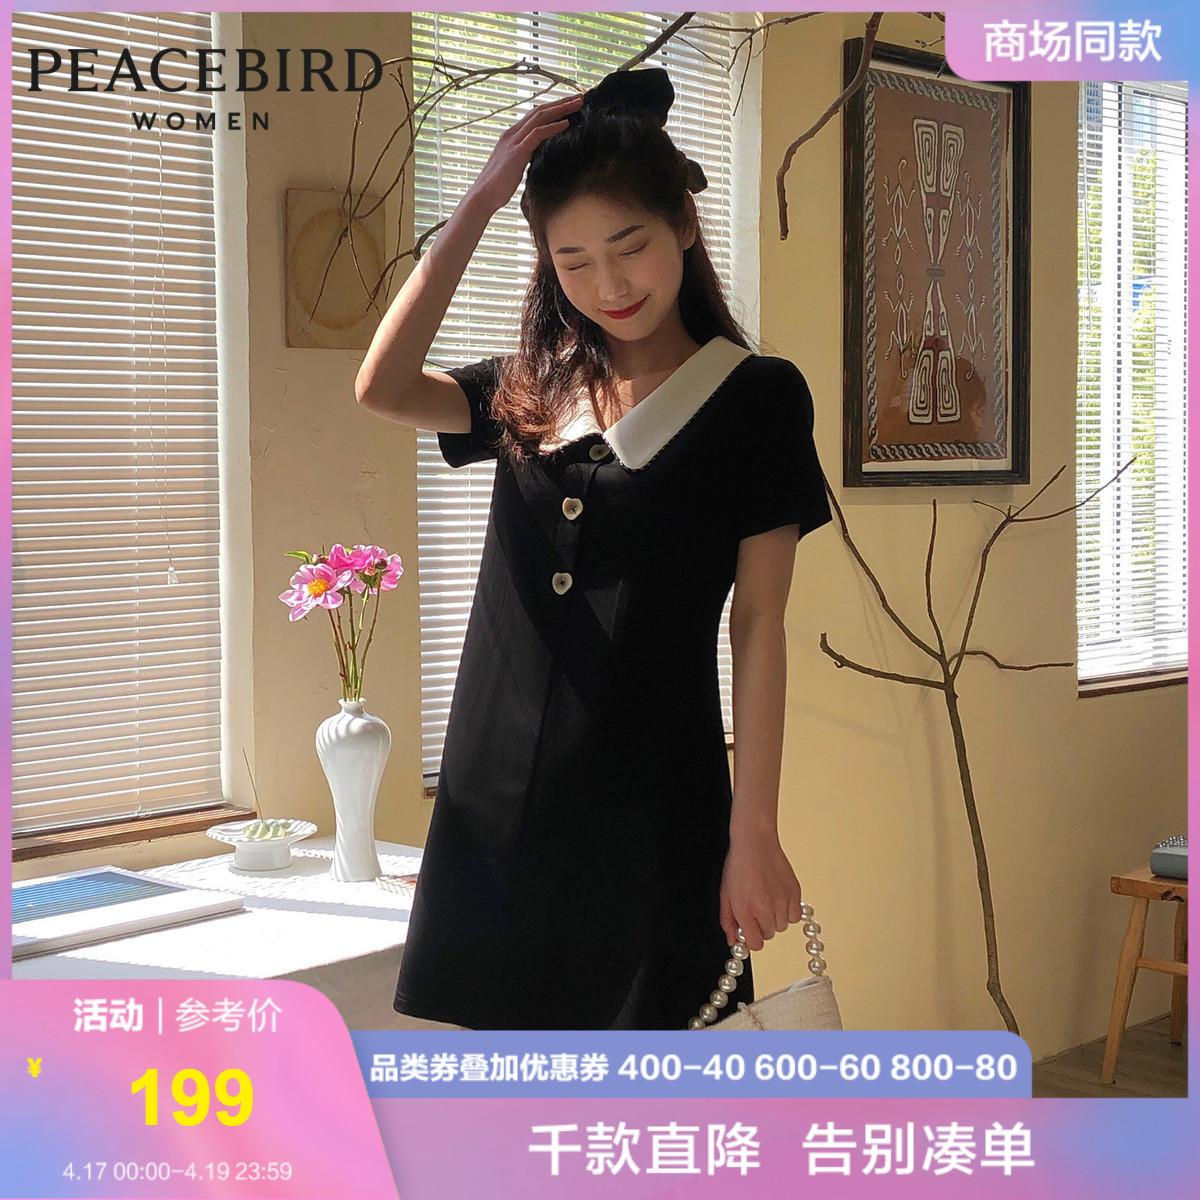 【商场同款】太平鸟翻领连衣裙女2021夏新款收腰短袖法式小黑裙 179.1元